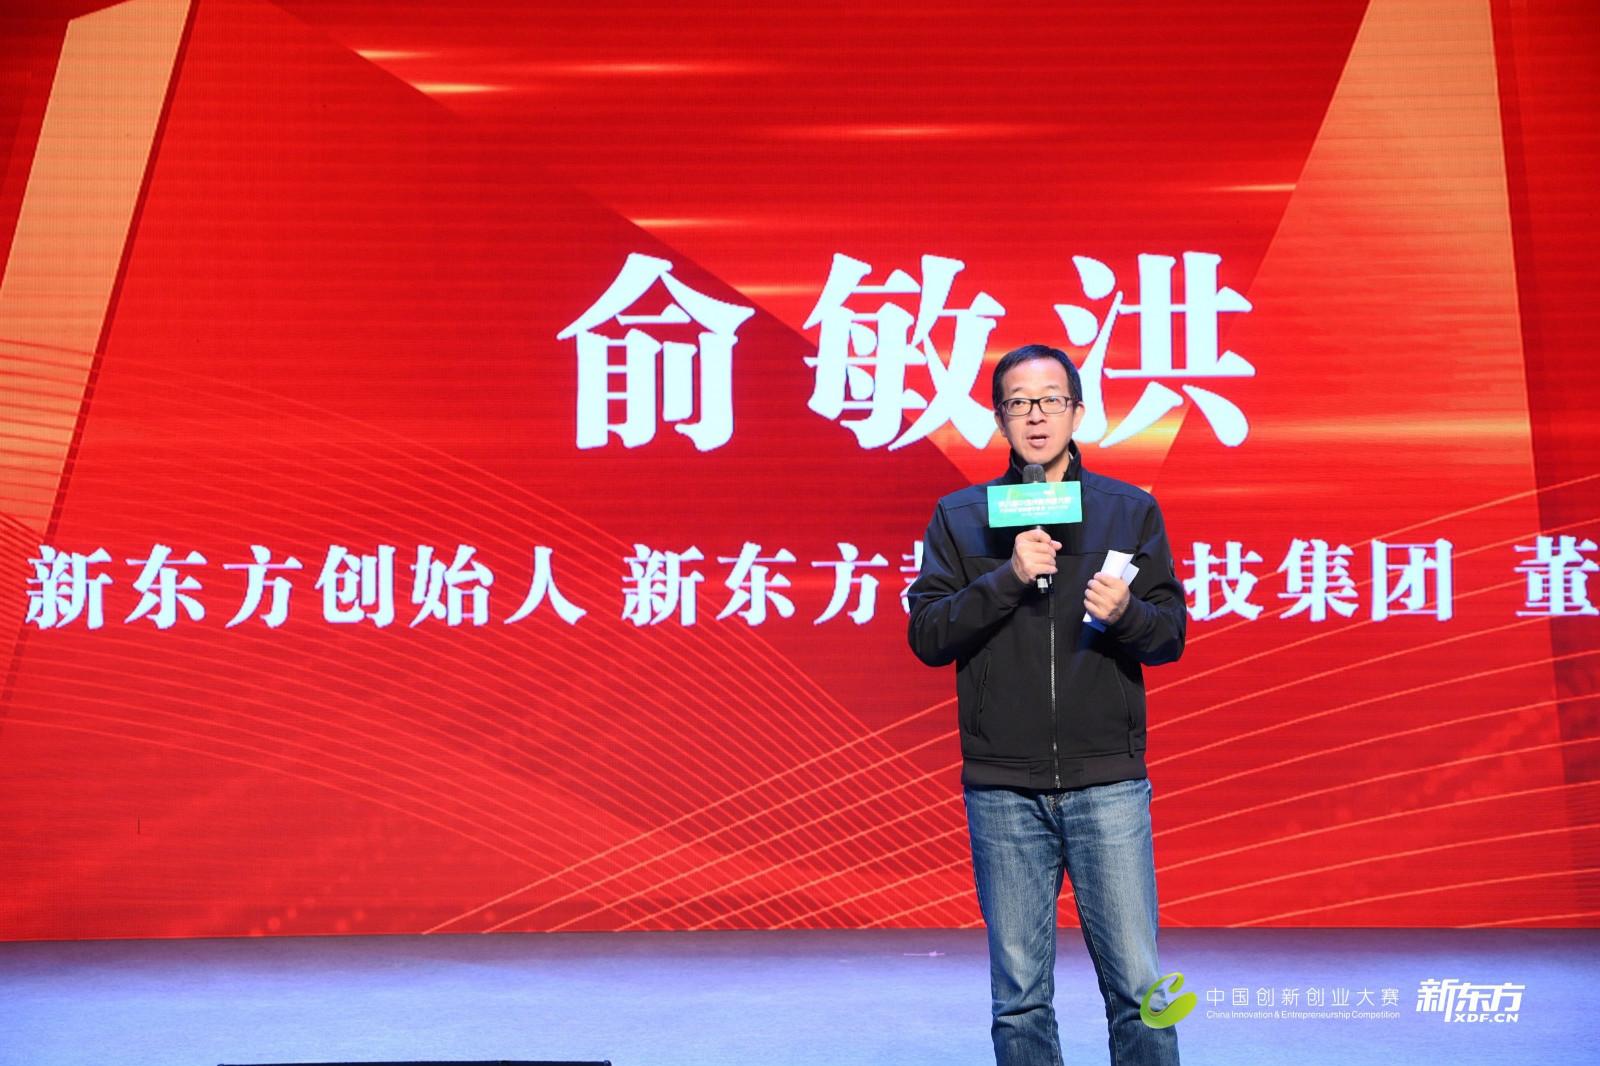 俞敏洪:2019年新东方以地面教育为核心,辅以在线教育